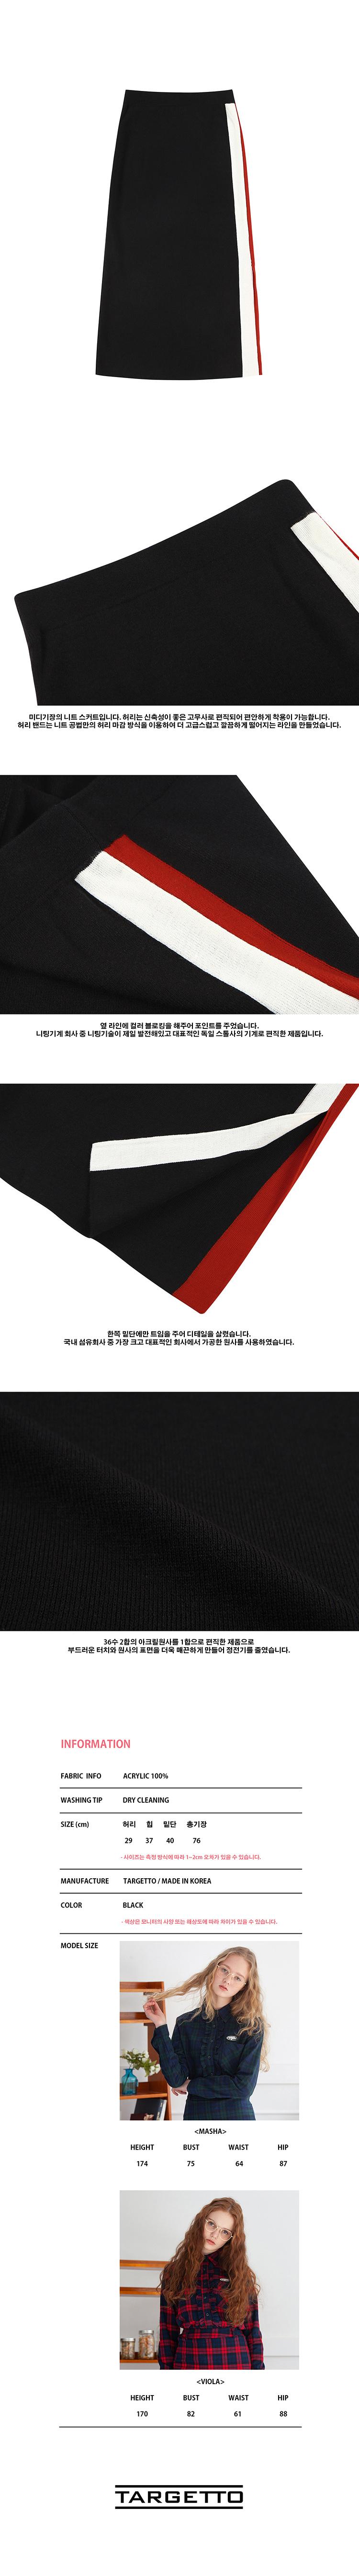 타게토(TARGETTO) T 라인 니트 스커트 블랙